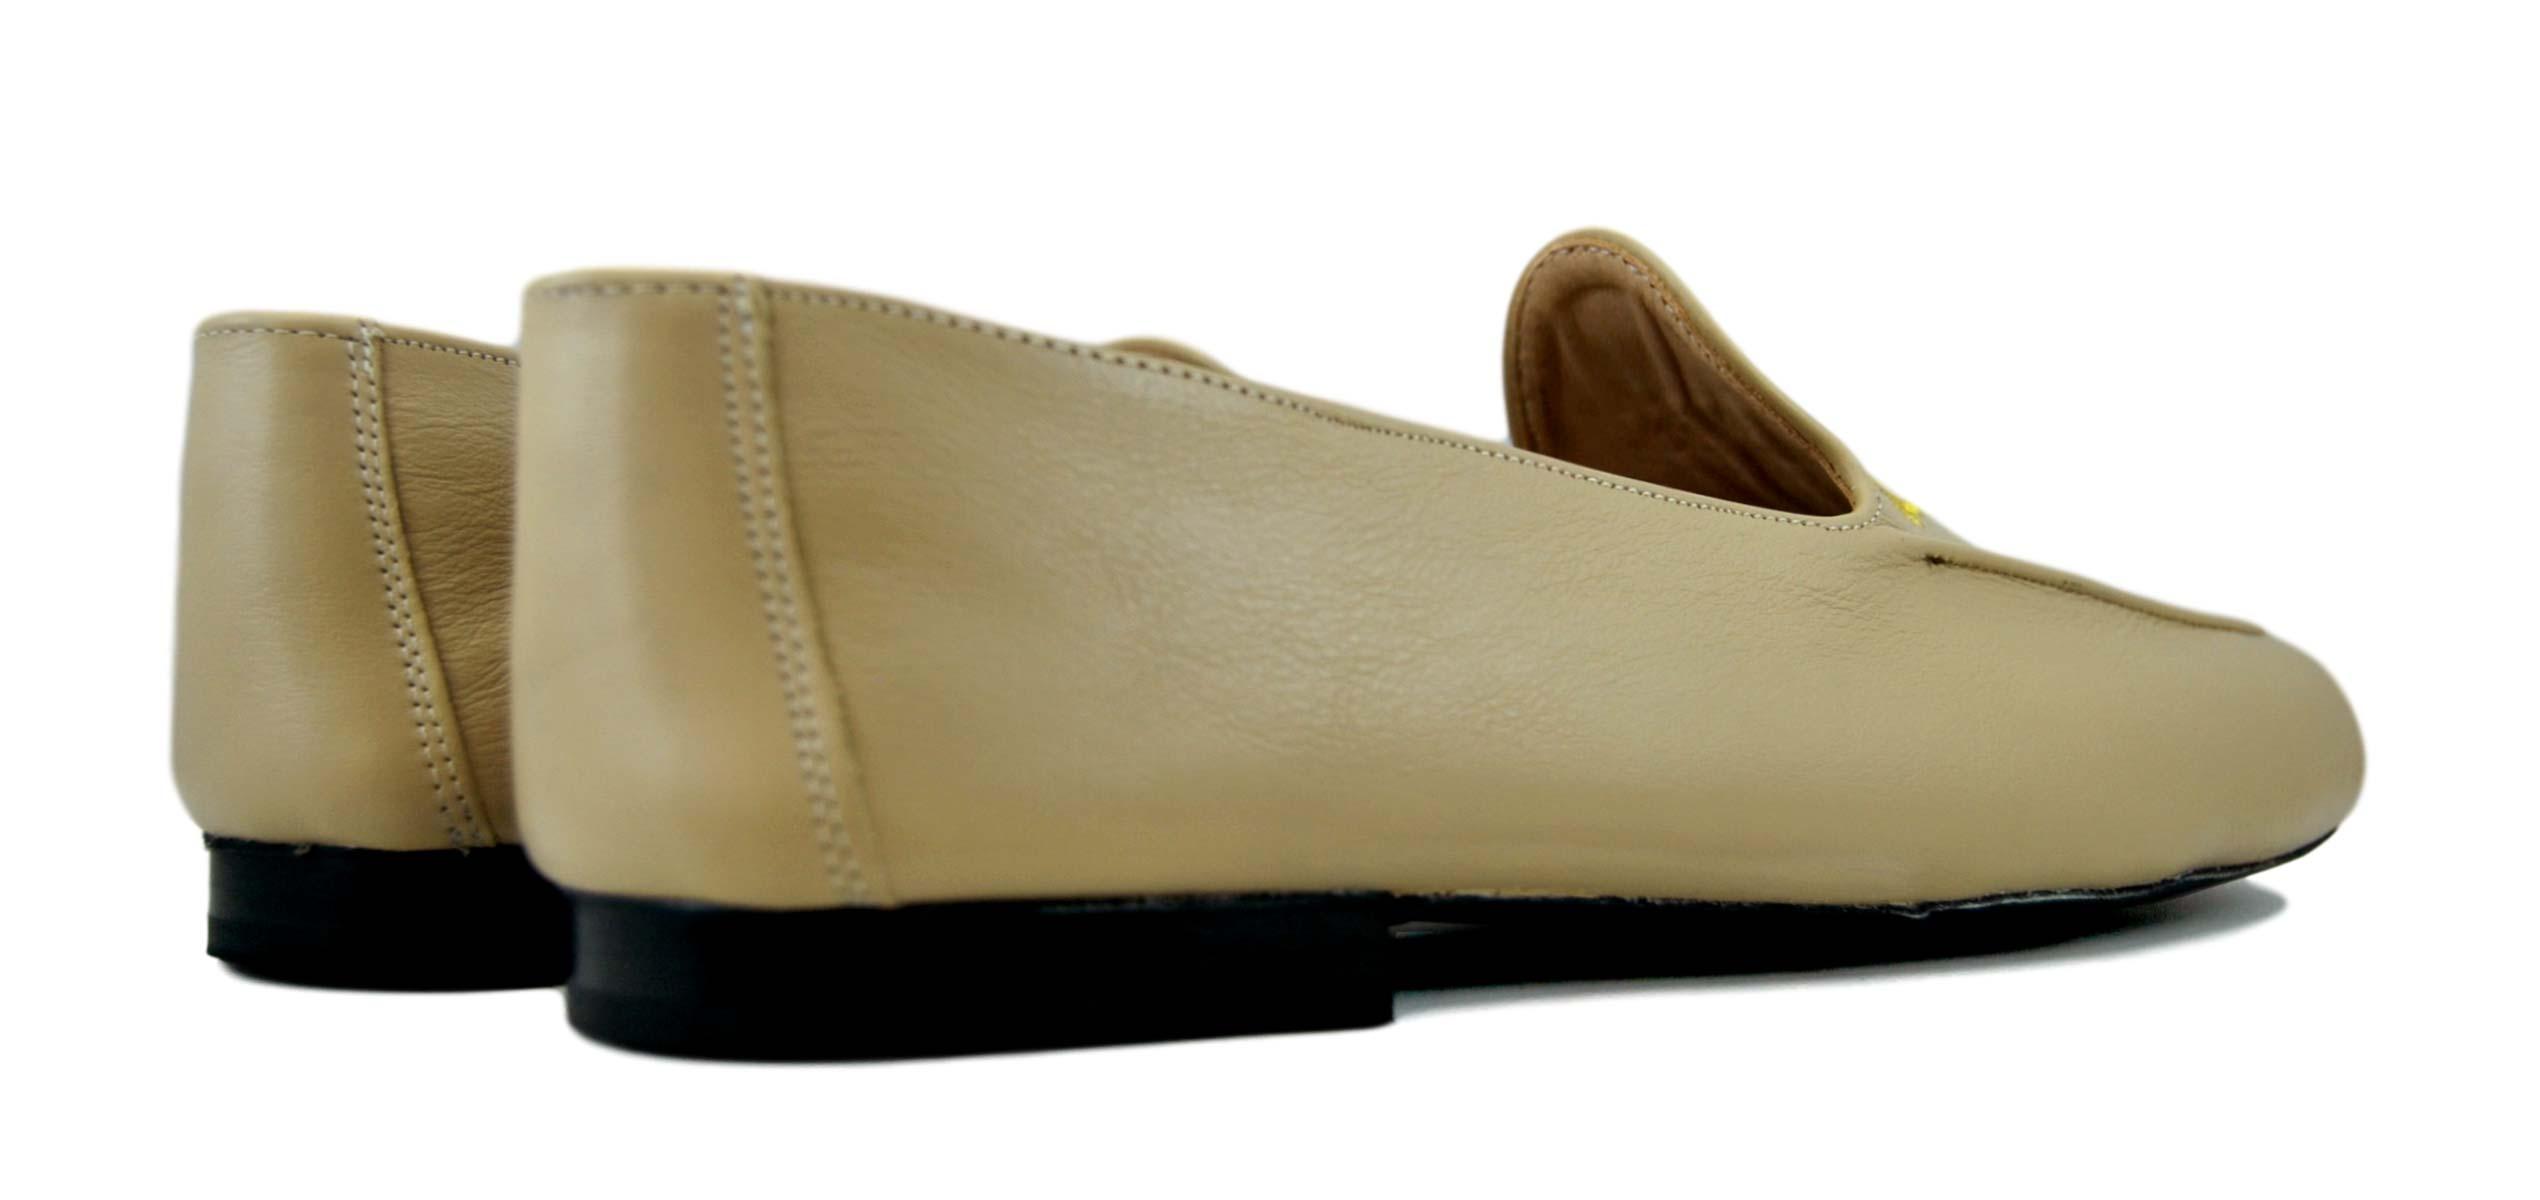 Foto 4 de Zapatos Julio Iglesias Mocasin 528 JC Deserto Napa